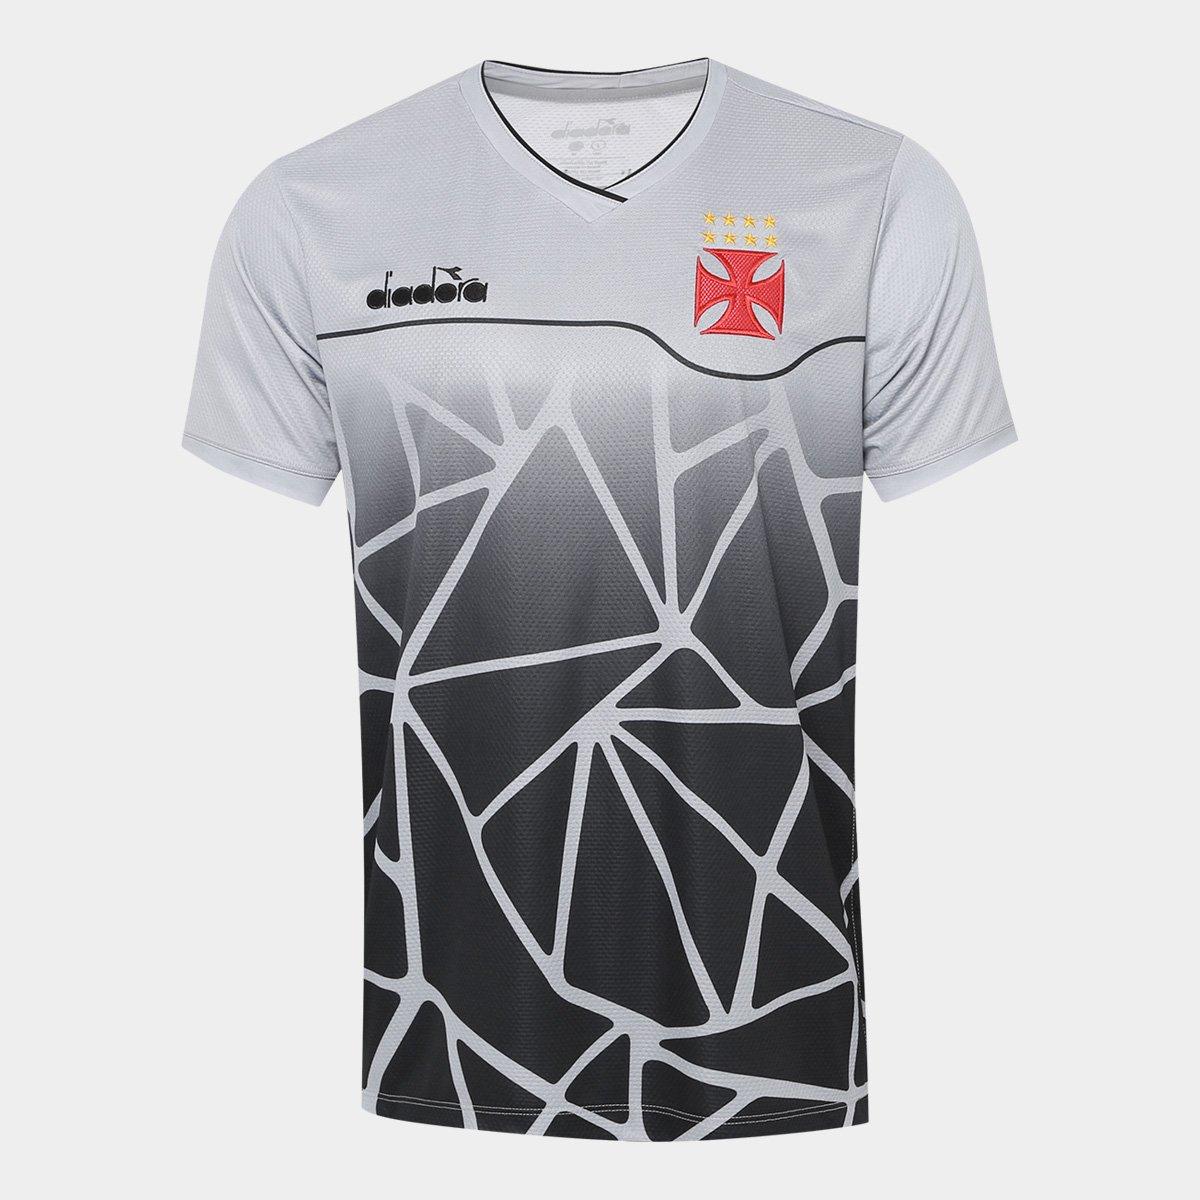 2d6591cc0 Camisa Vasco Treino 2018 Diadora Masculina - Compre Agora